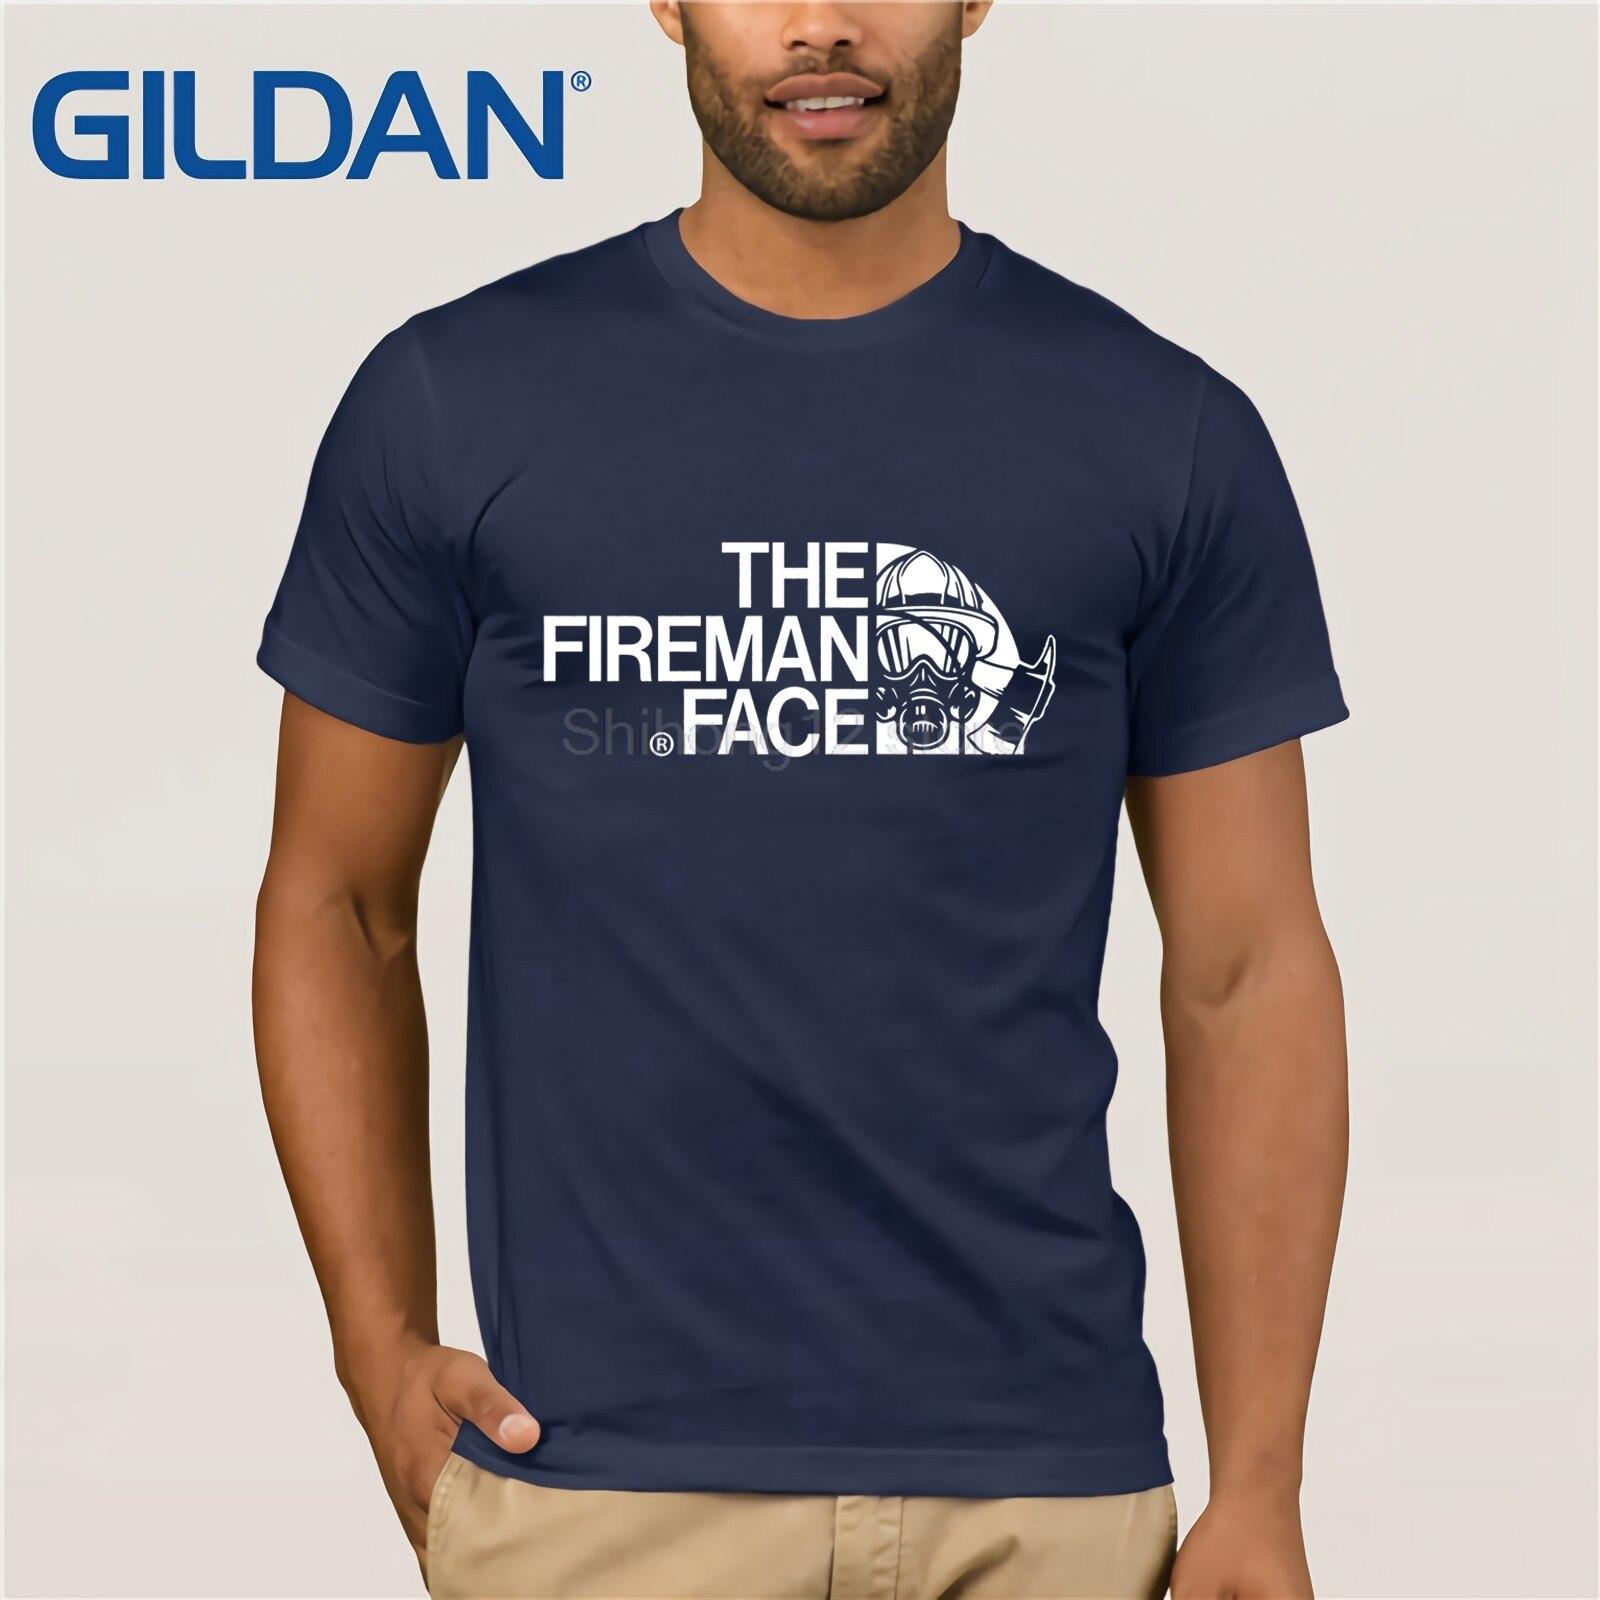 Gildan   t     shirt   2019 Fashion men   t  -  shirt   gildan The Firefighter Face